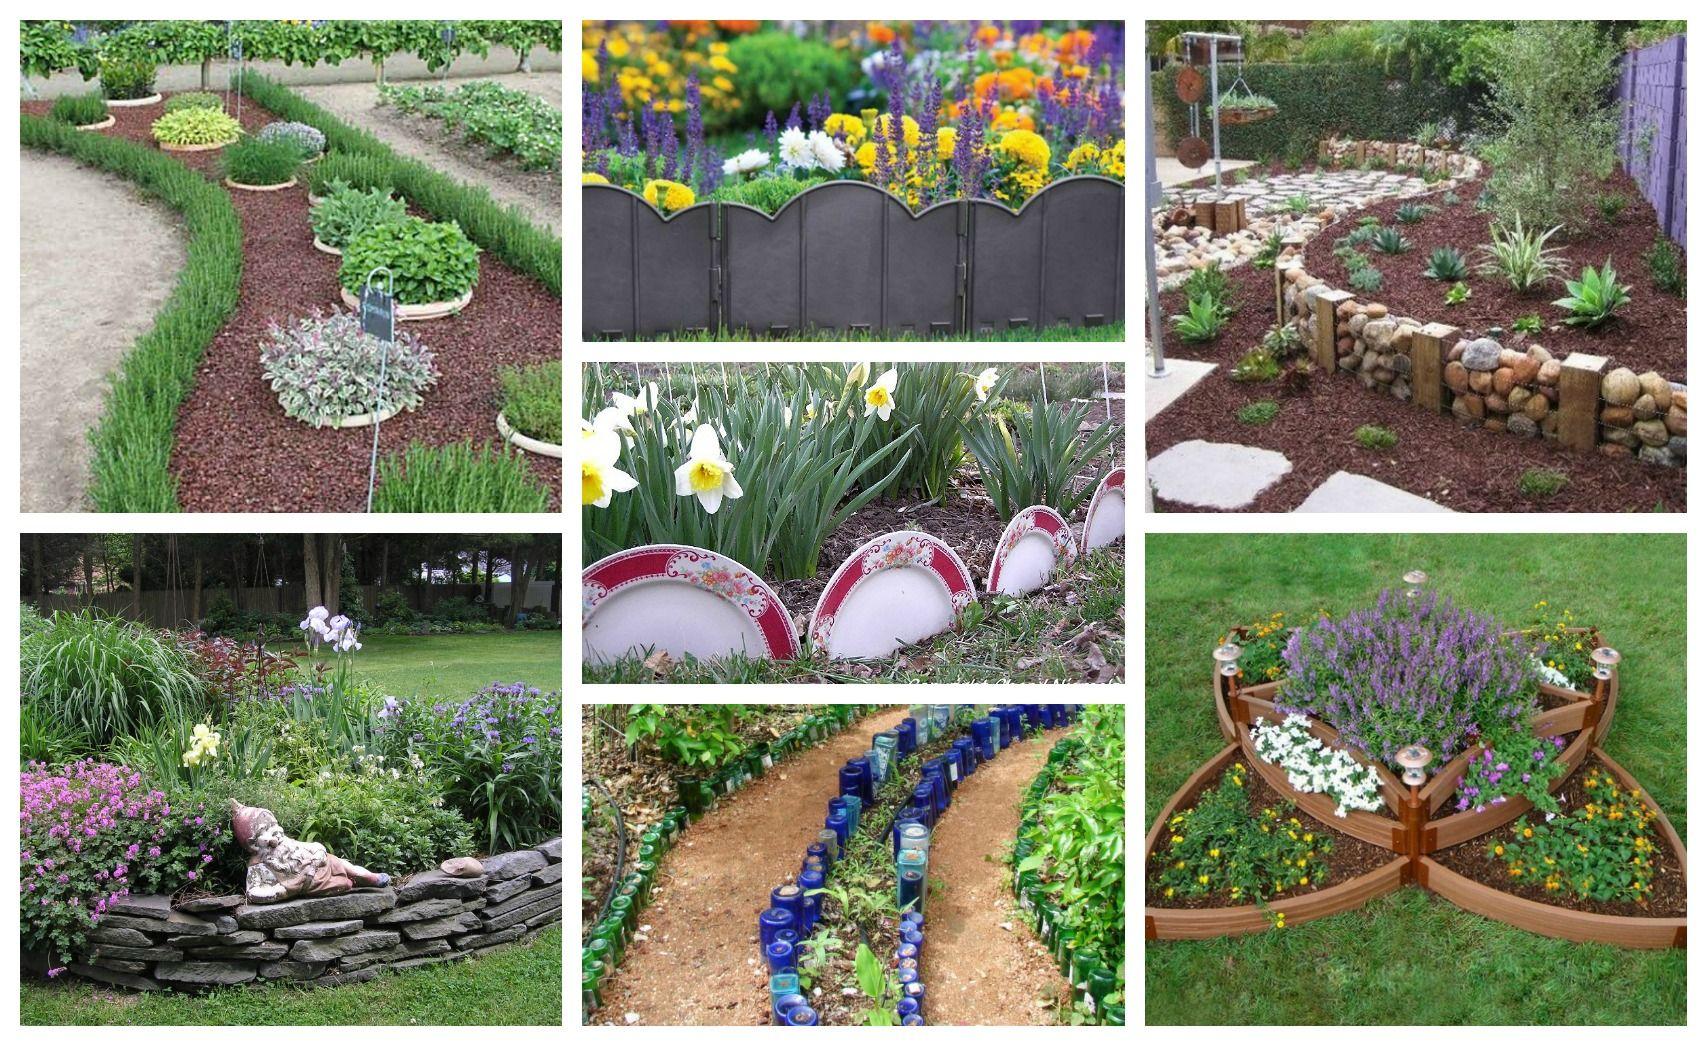 Borduri Decorative Pentru Gradini Si Ronduri Cu Flori 12 Idei Diy Garden Diy Garden Bed Garden Boxes Diy